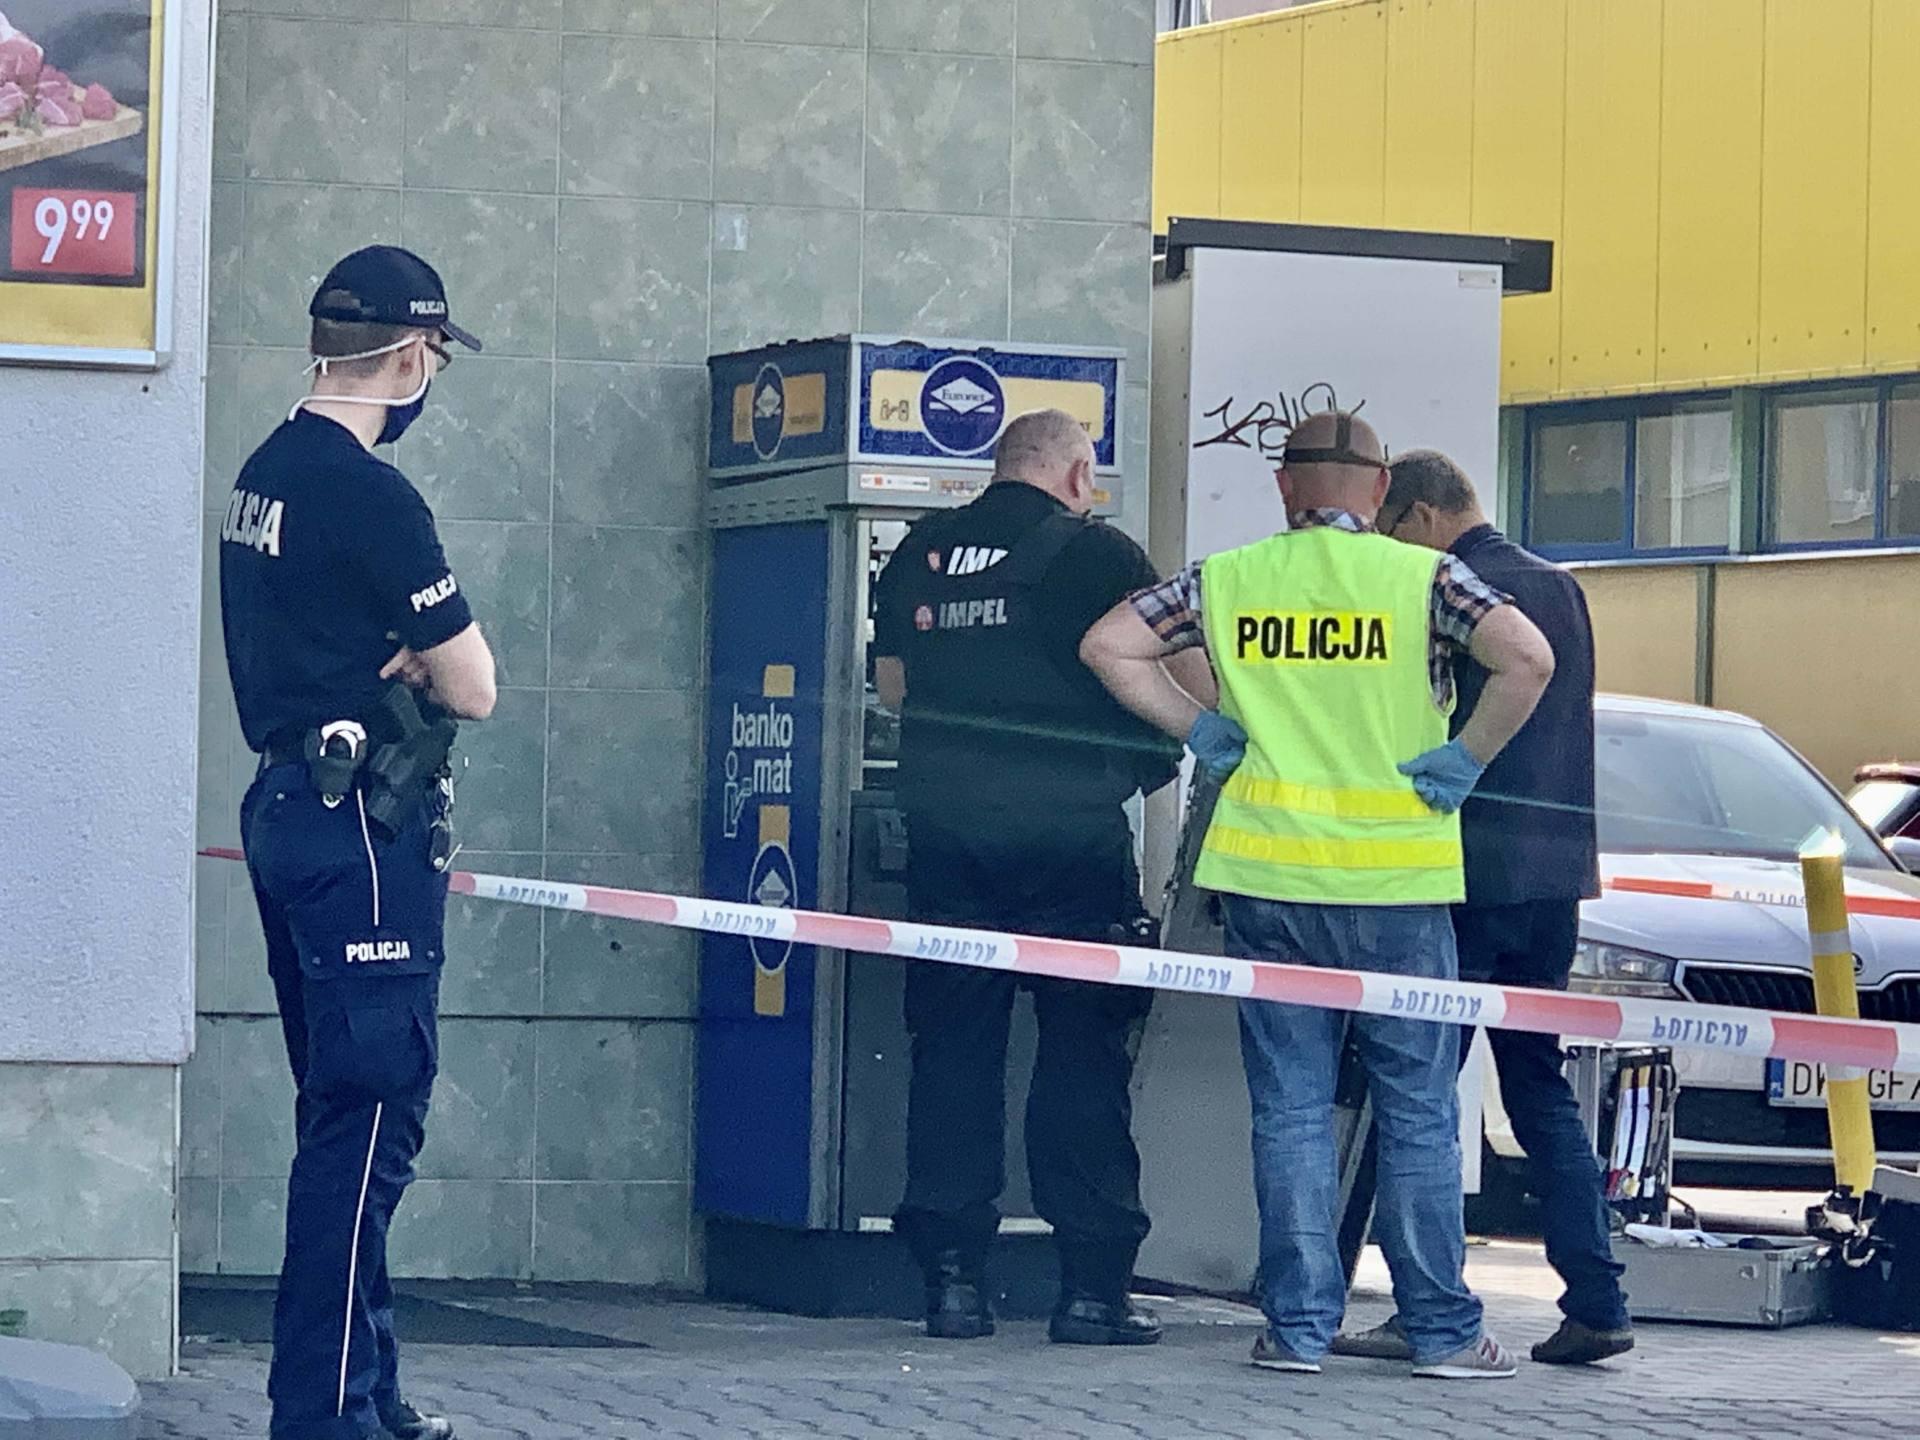 img 1848 Zamość: Nocny napad na bankomat przy ul. Piłsudskiego [ZDJĘCIA]